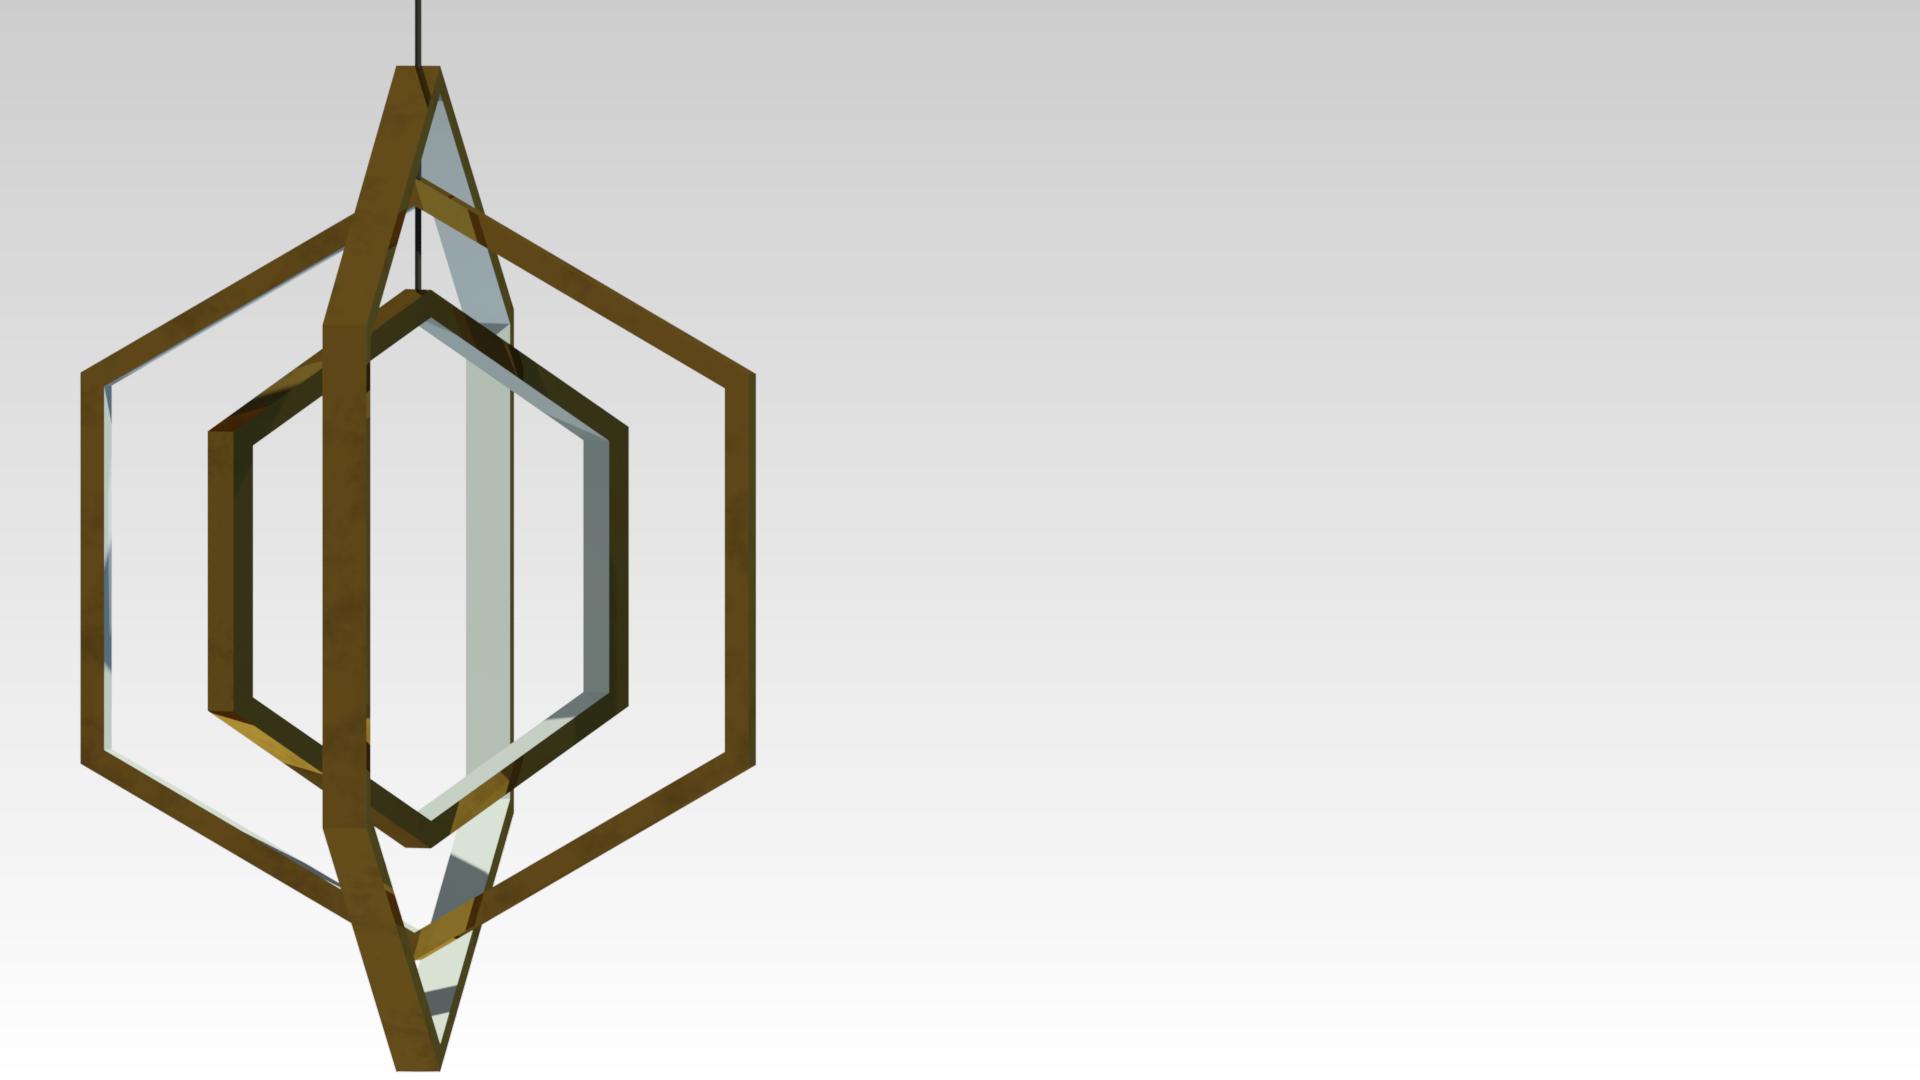 подвесная люстра светодиодная латунь